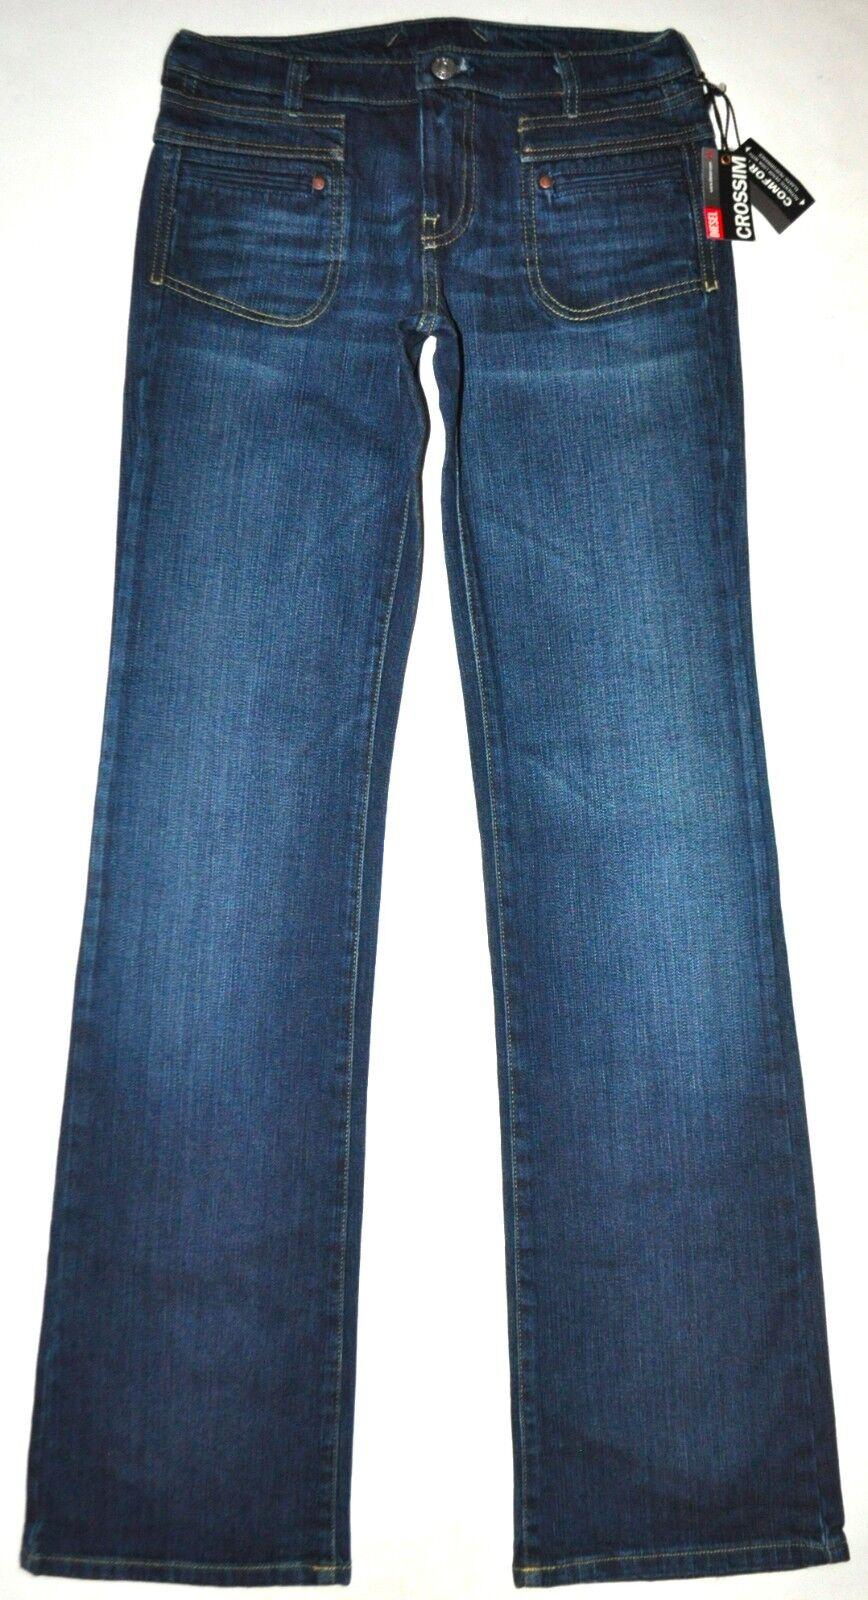 NEW Diesel Women's Darker bluee Crossim Comfort Boot Jeans 26 X 33.5 Stretch Long